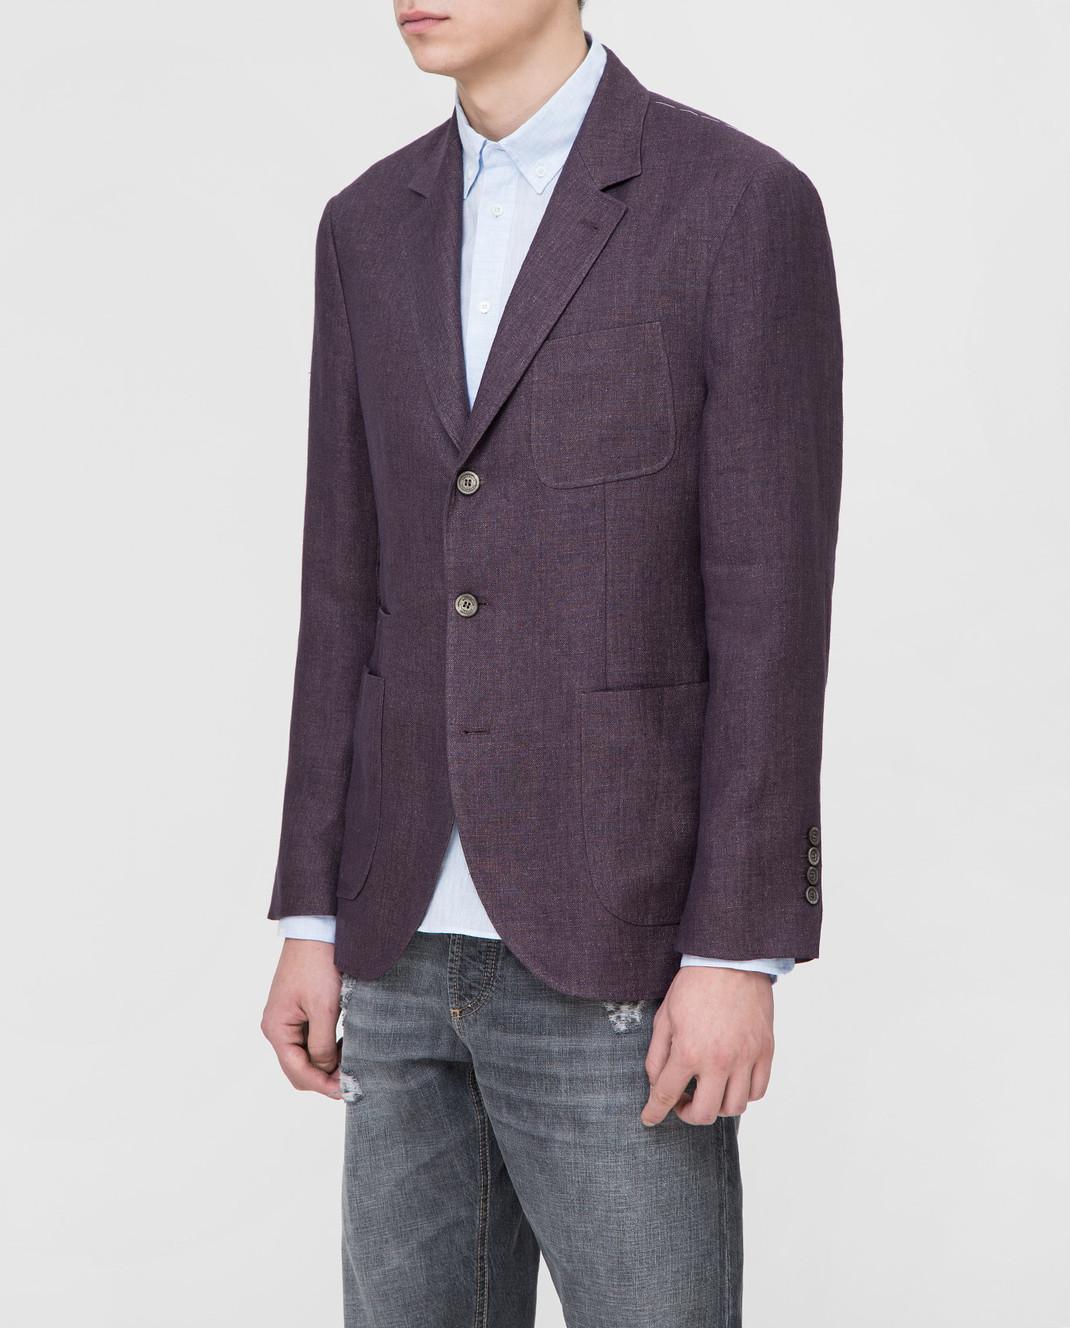 Brunello Cucinelli Сиреневый пиджак изображение 3